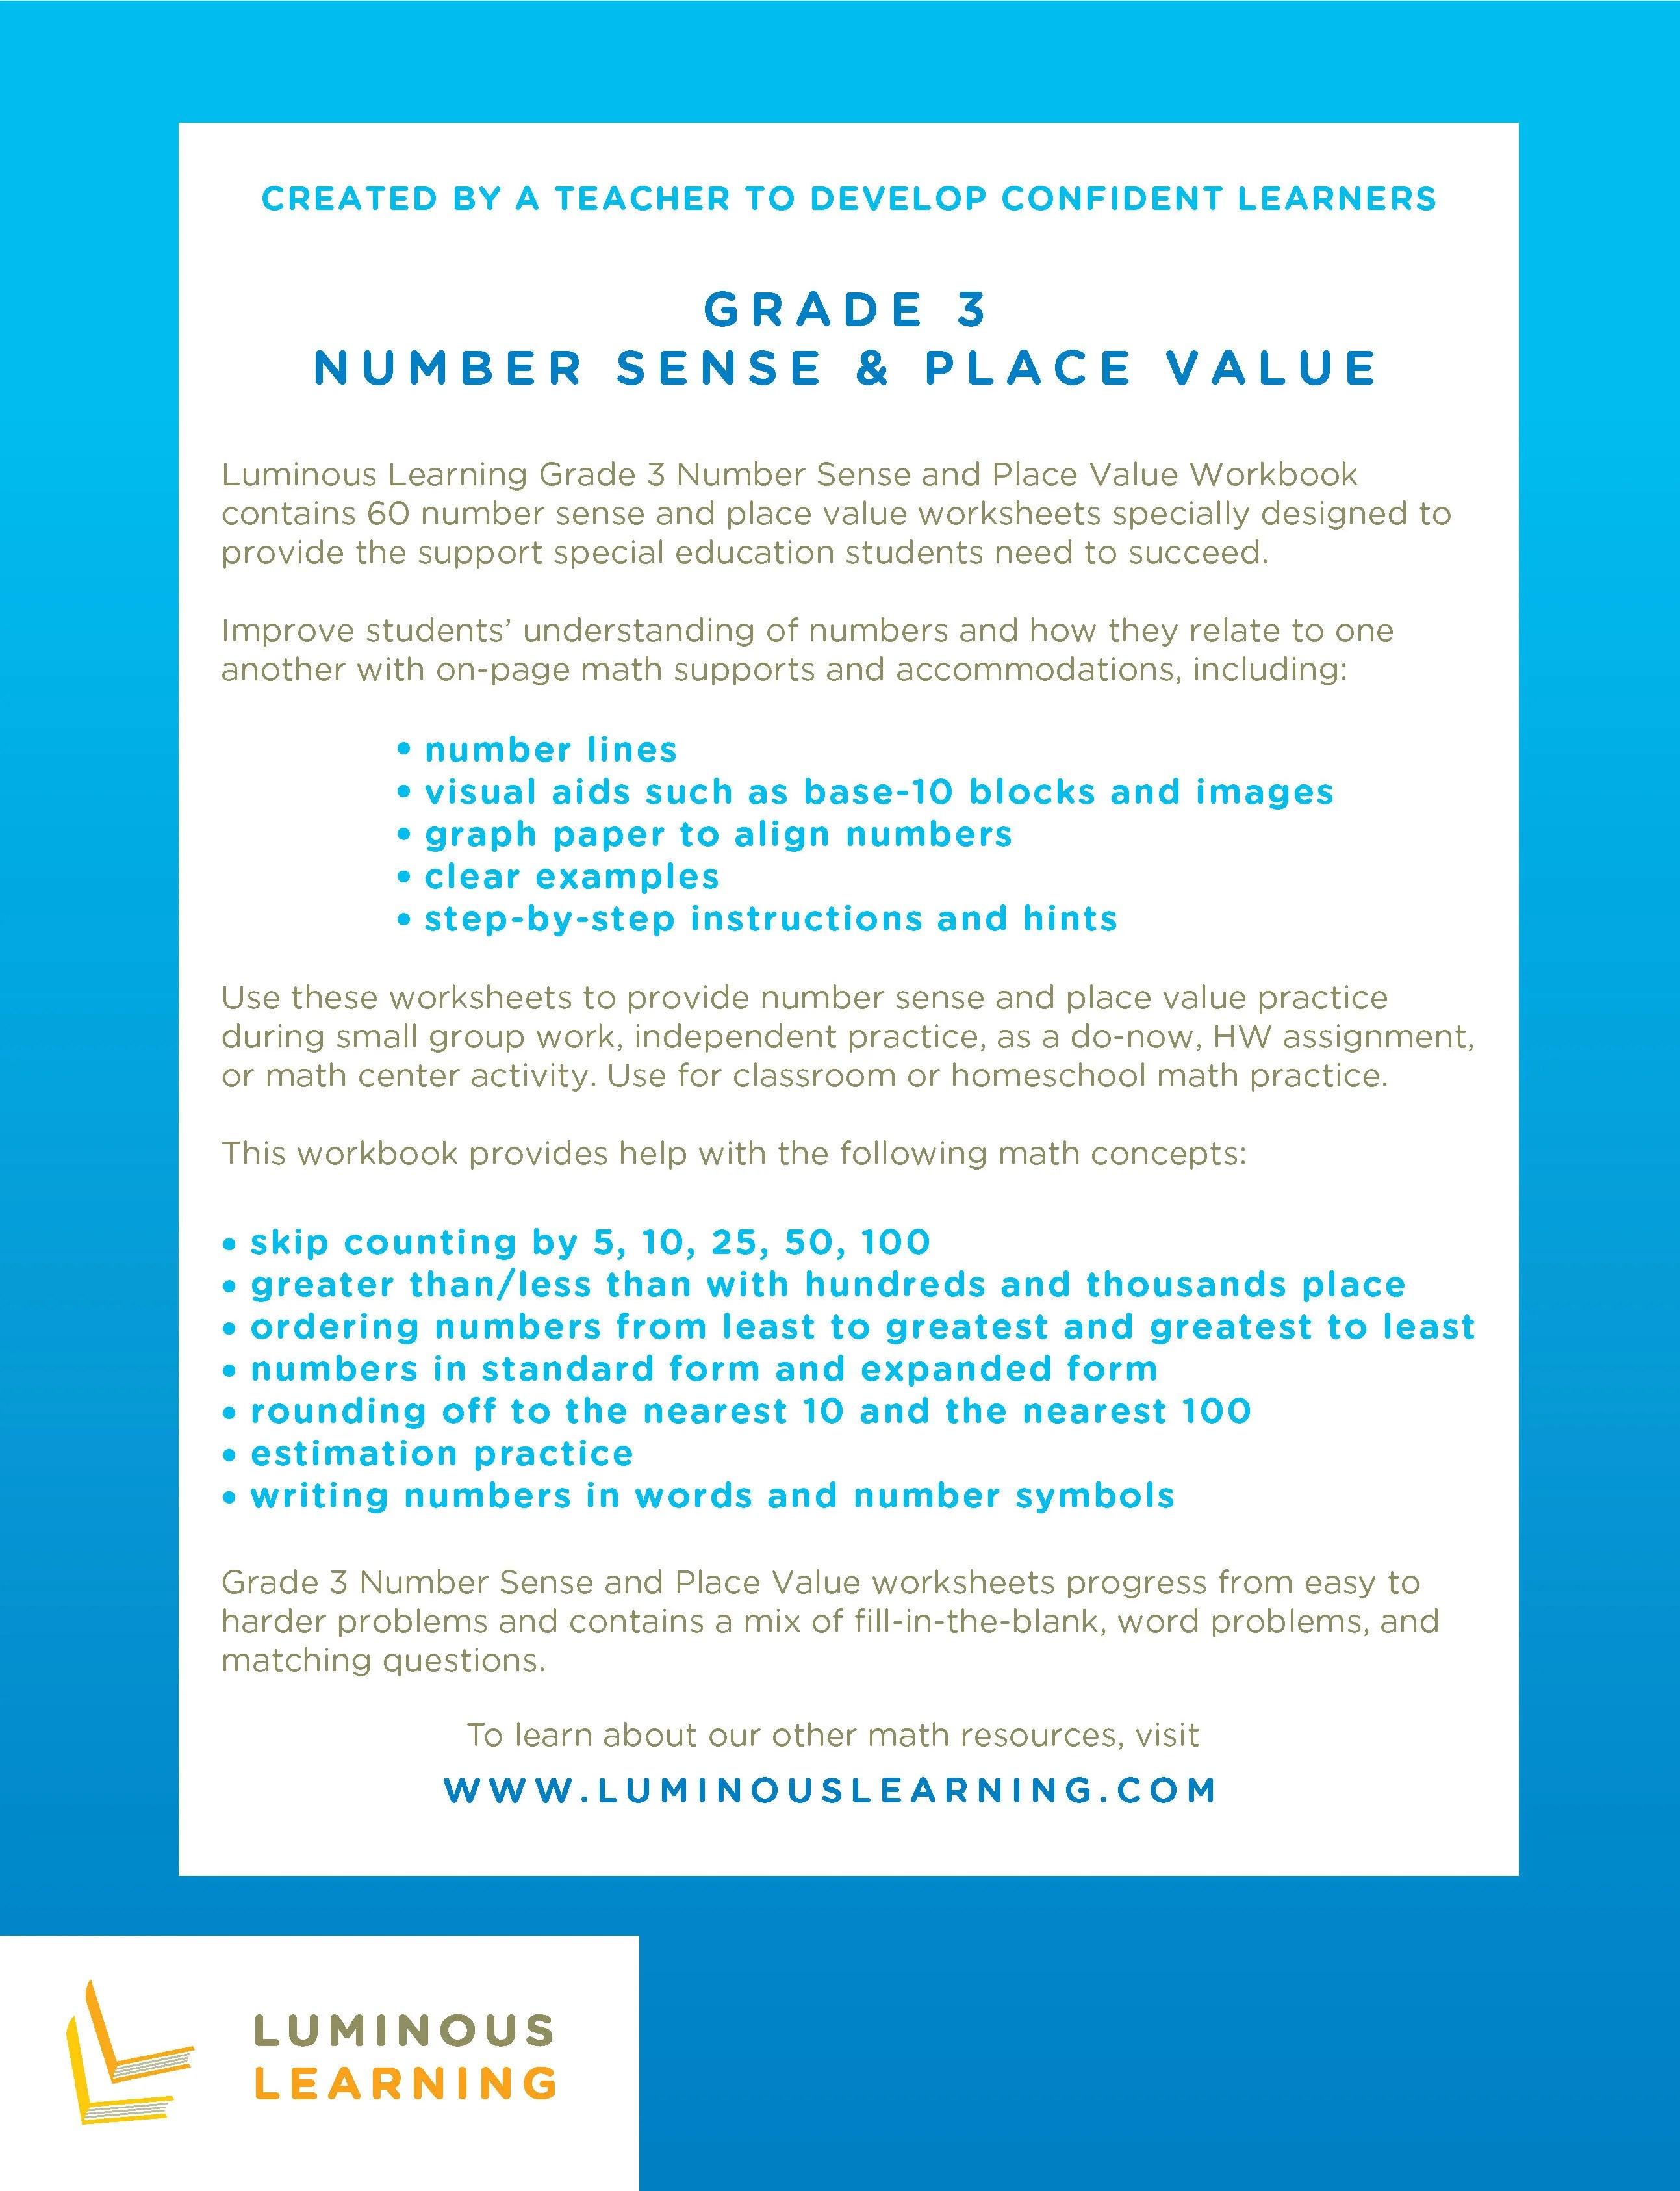 Number Sense \u0026 Place Value Worksheets - Special Ed - Grade 3 [ 3372 x 2586 Pixel ]